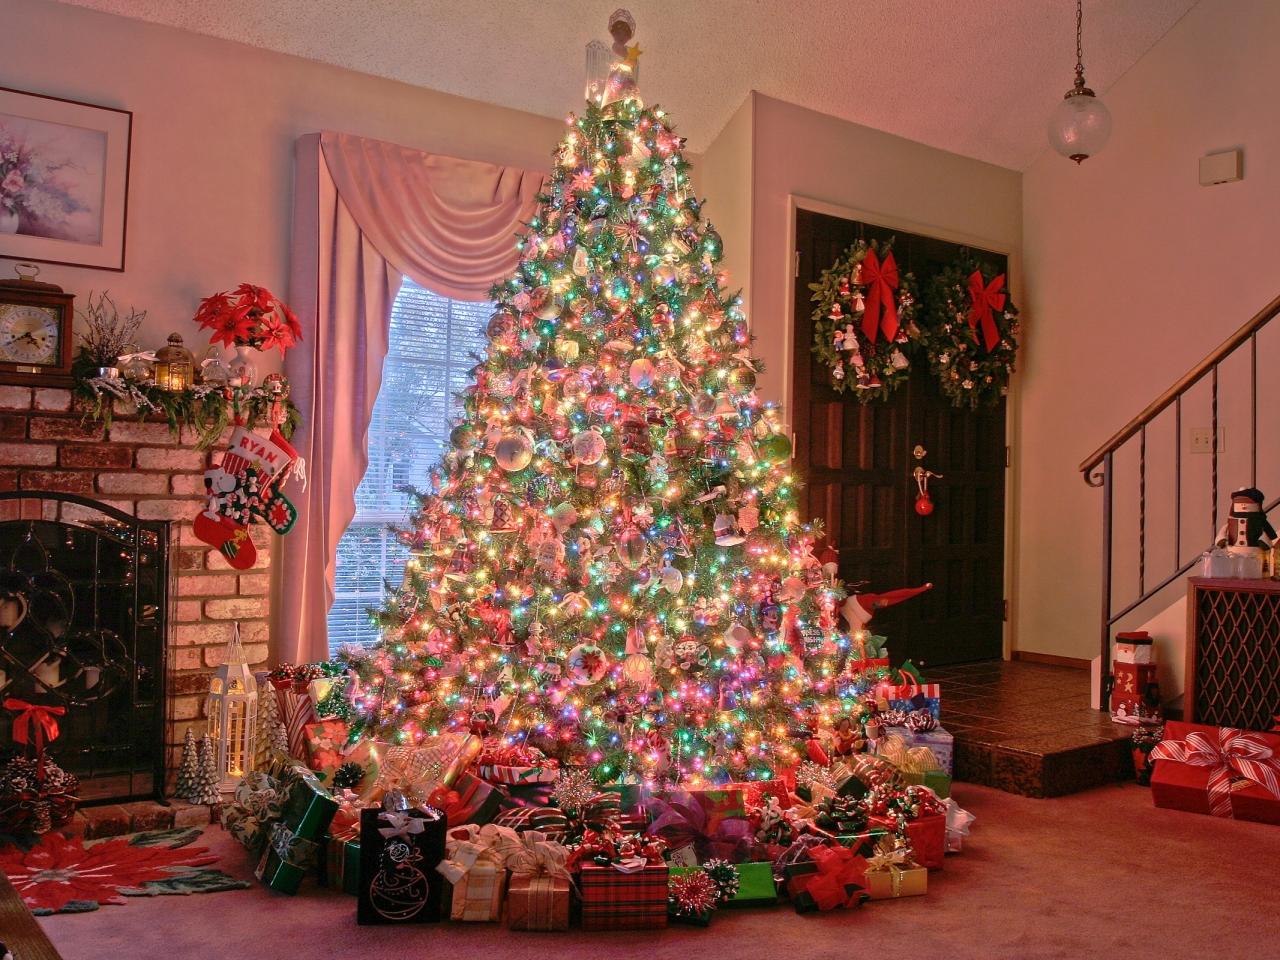 Como decorar arbol de navidad en casa - 1280x960